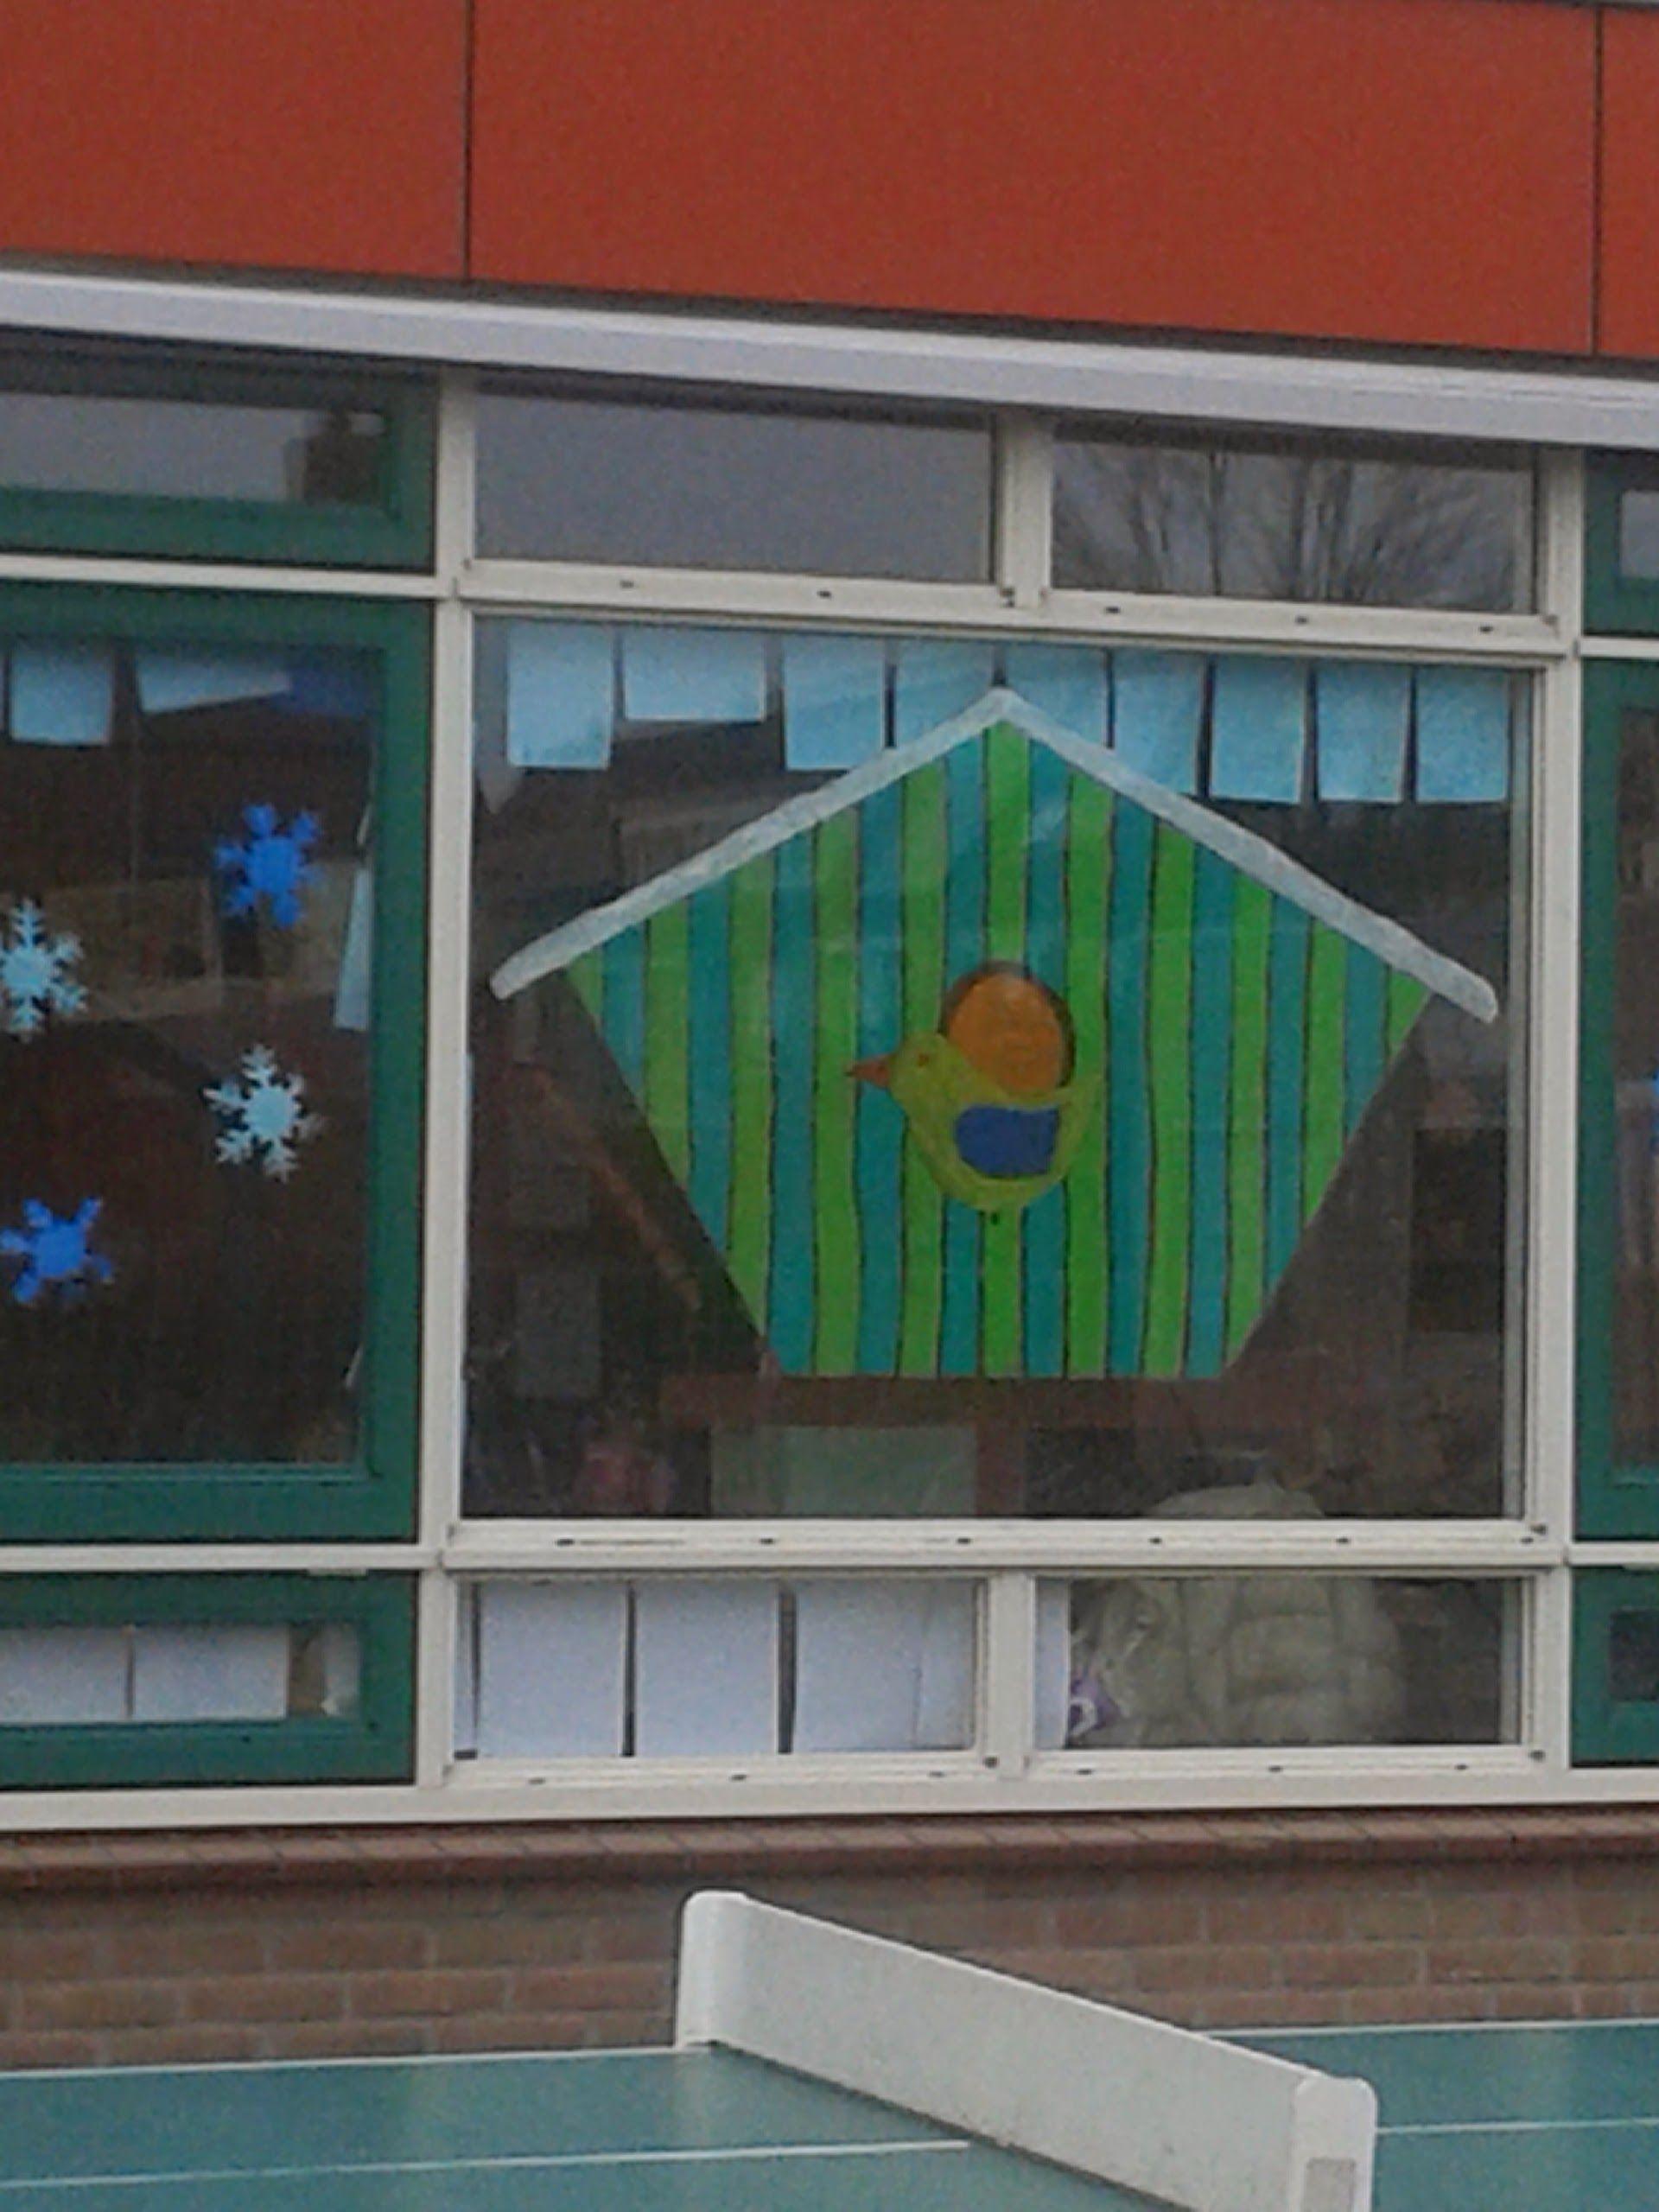 Vogelhuisje a la Pip, gemaakt voor groep 3 van de Rehobothschool